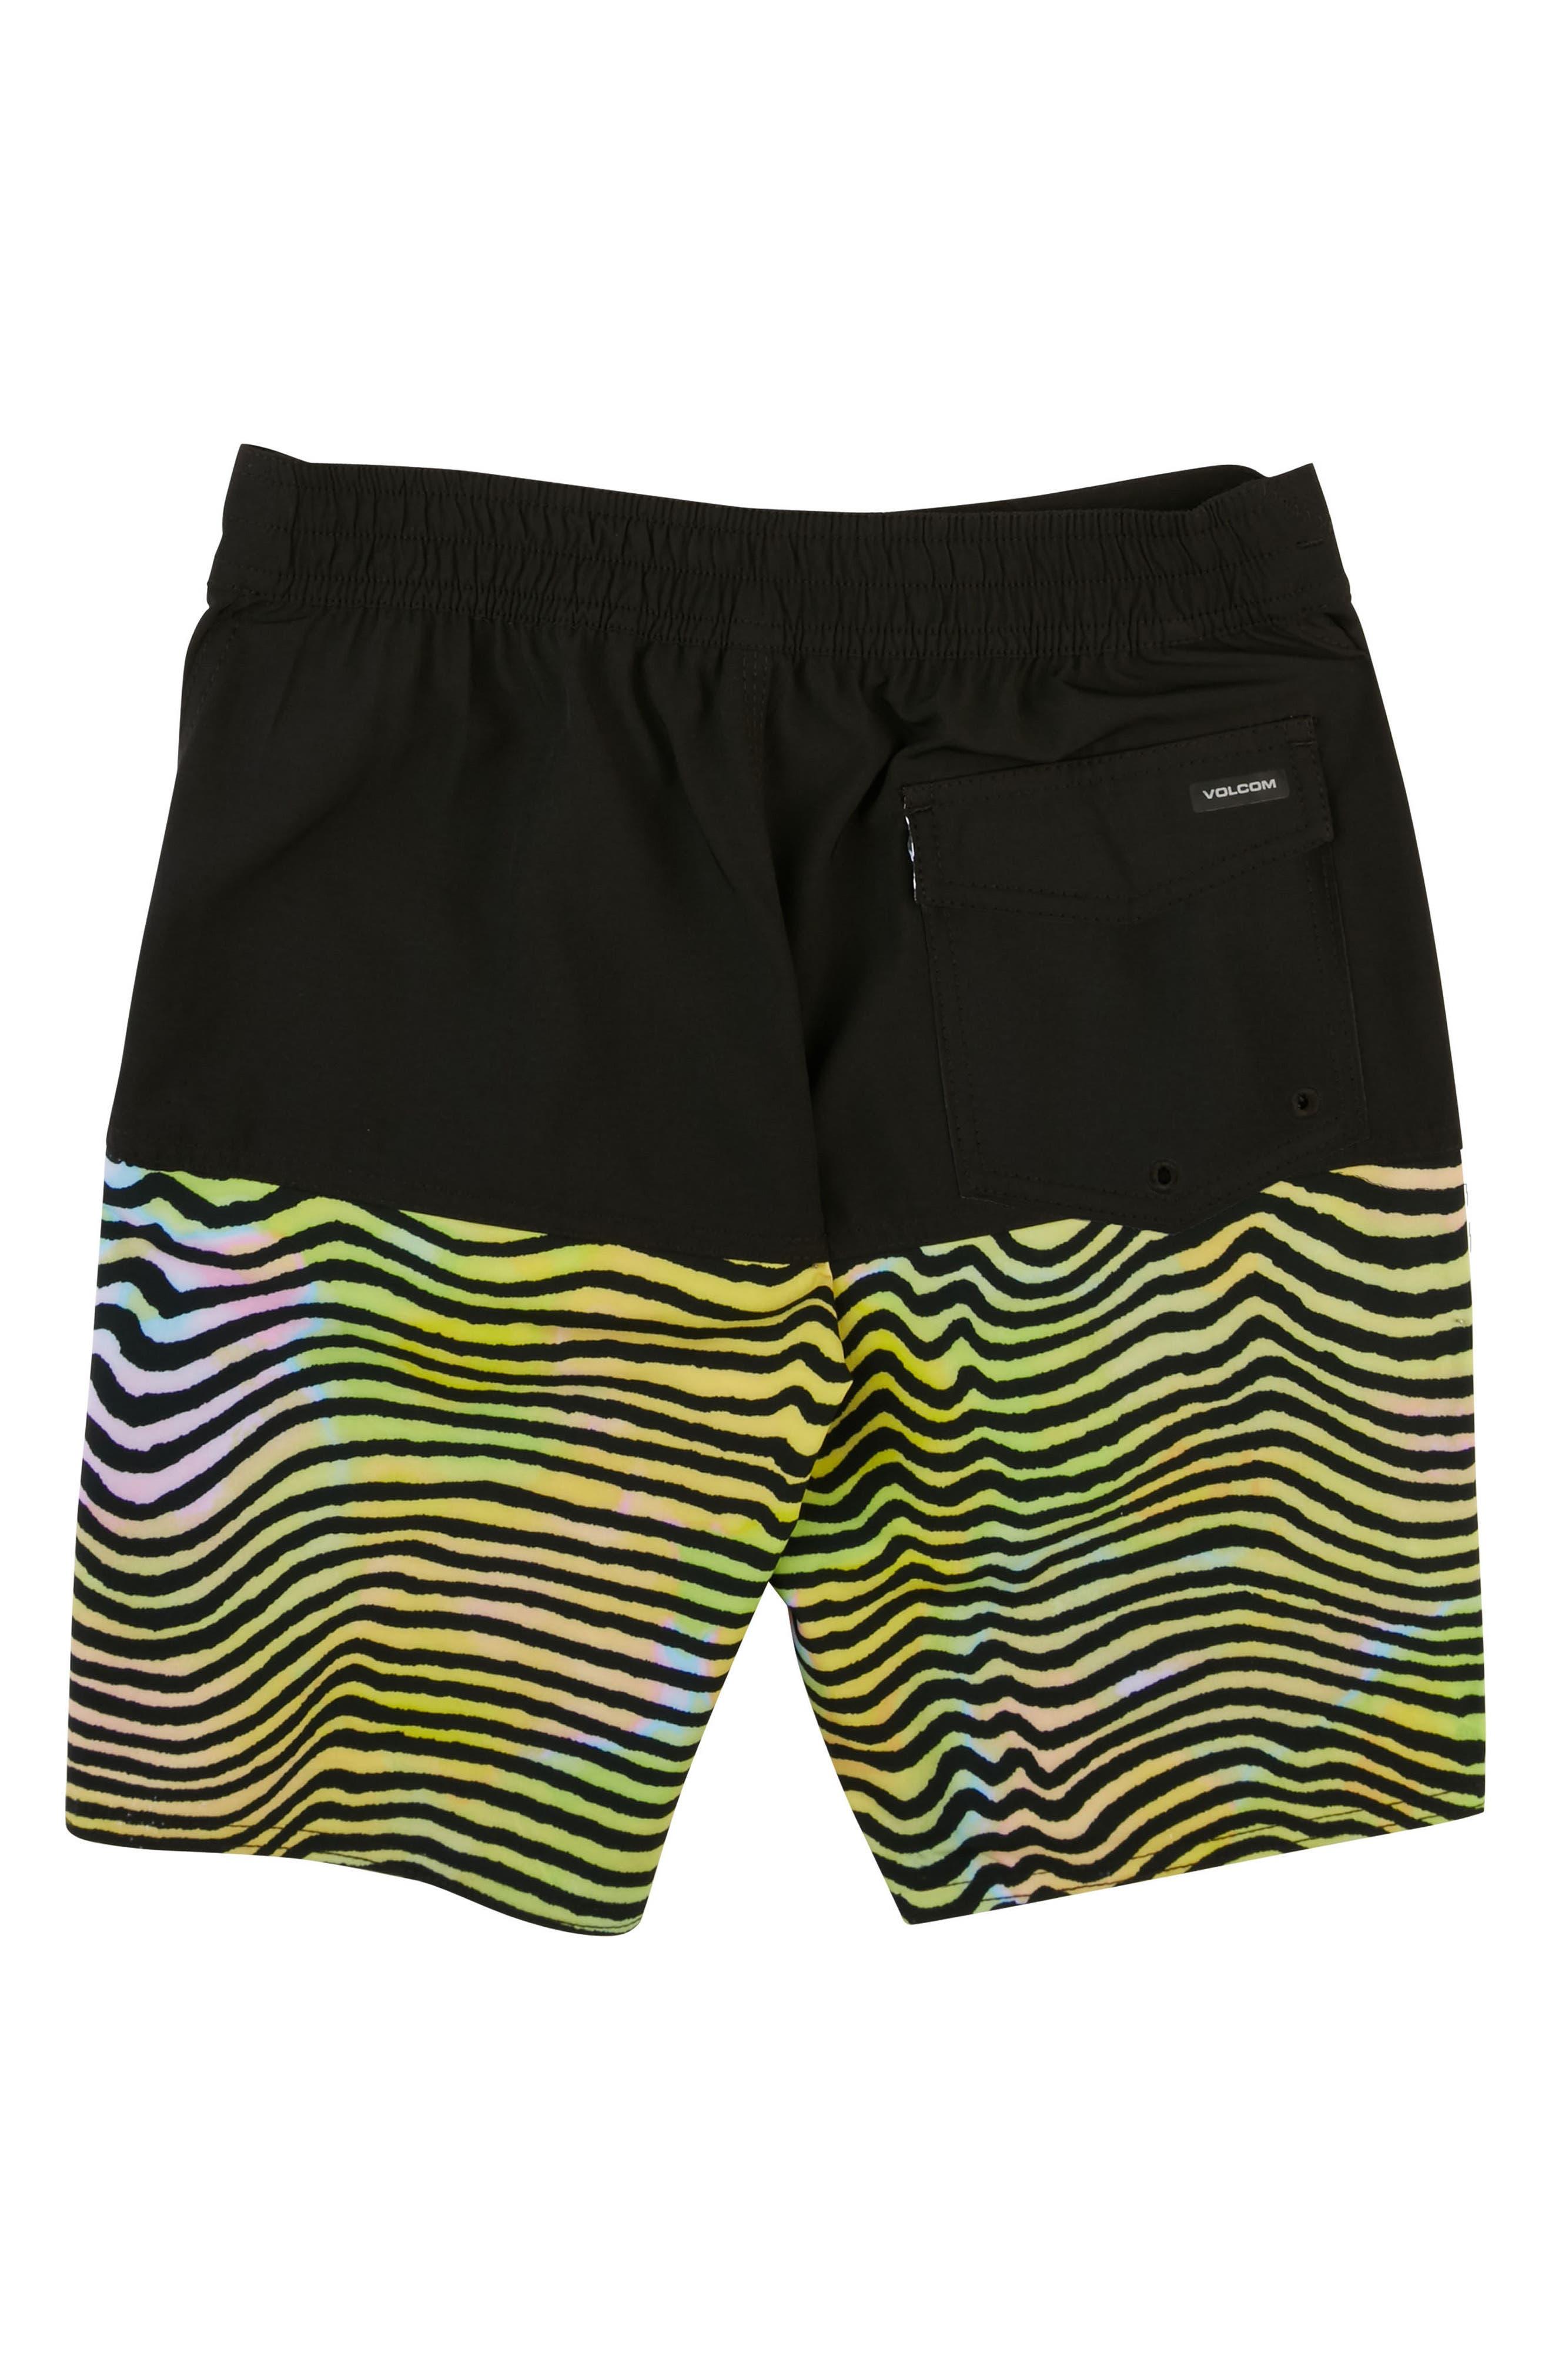 Vibes Board Shorts,                             Alternate thumbnail 2, color,                             Multi